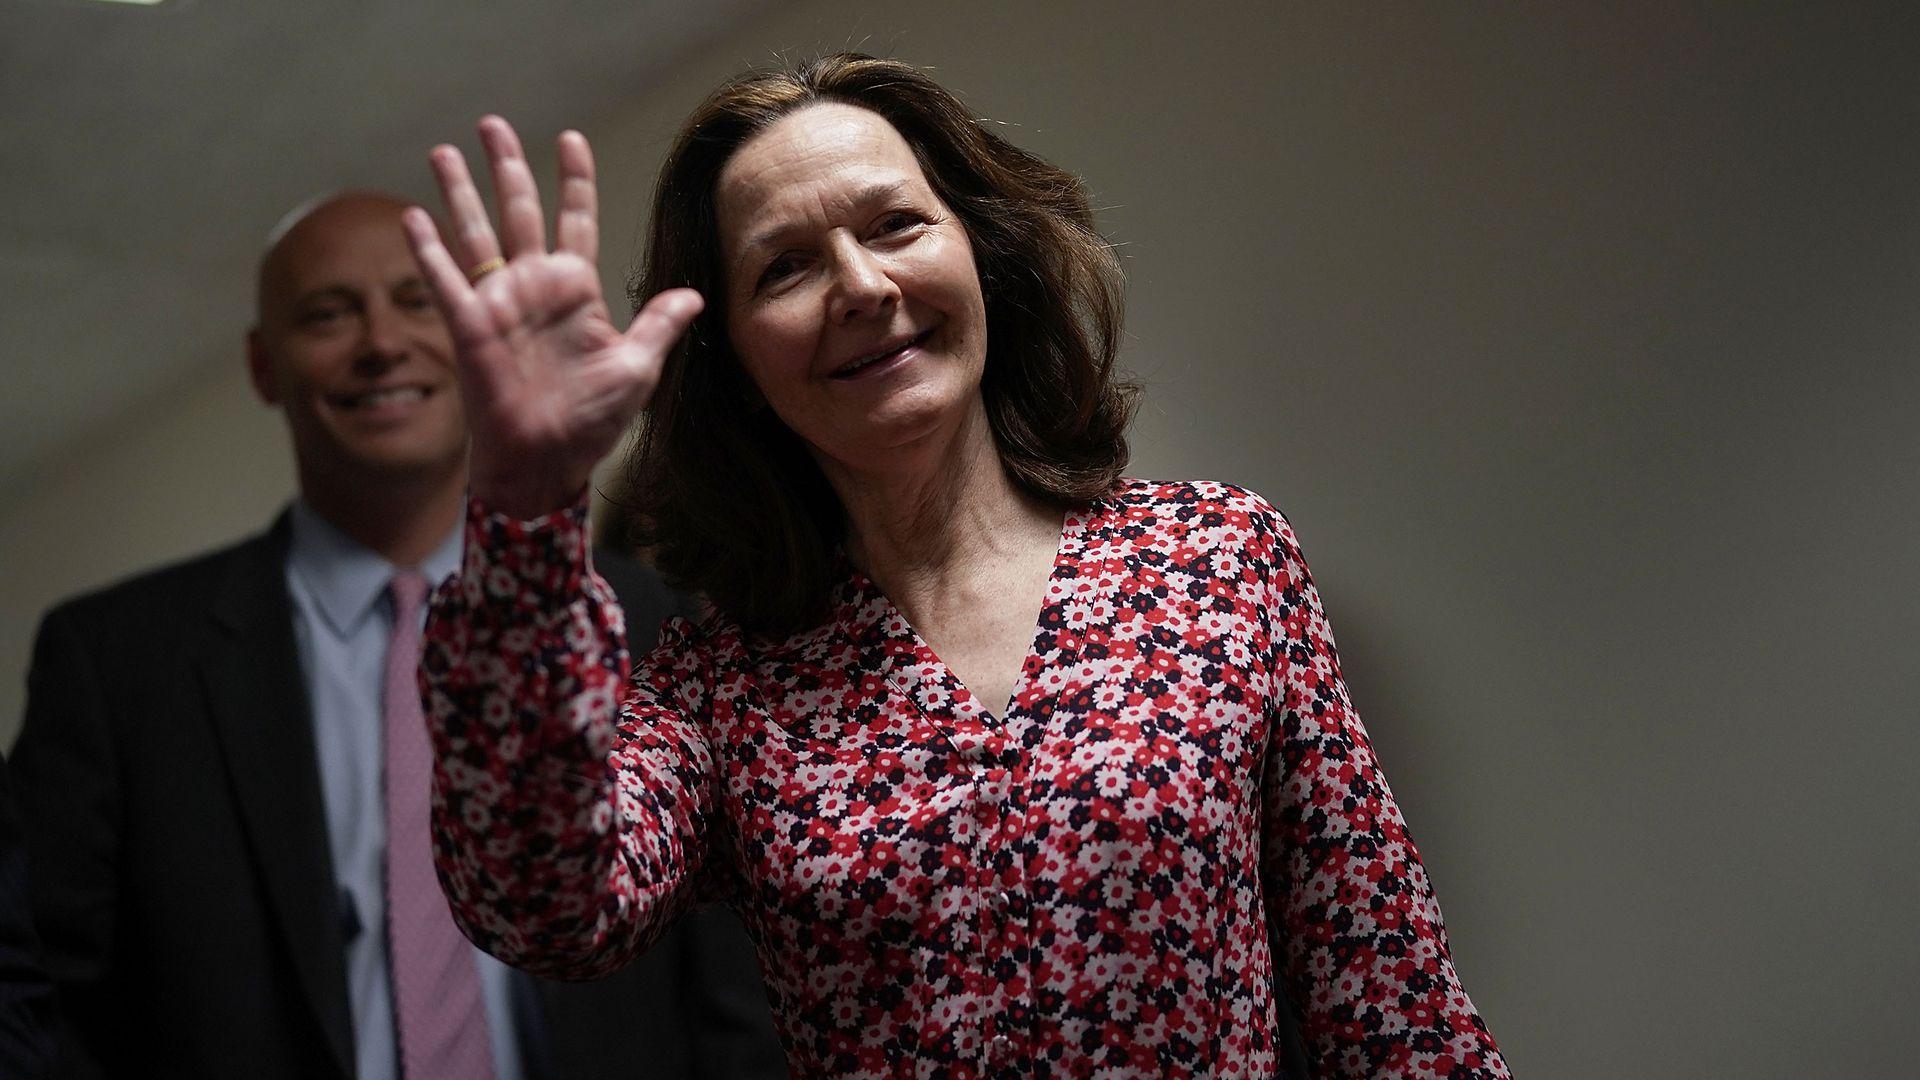 Gina Haspel waving.